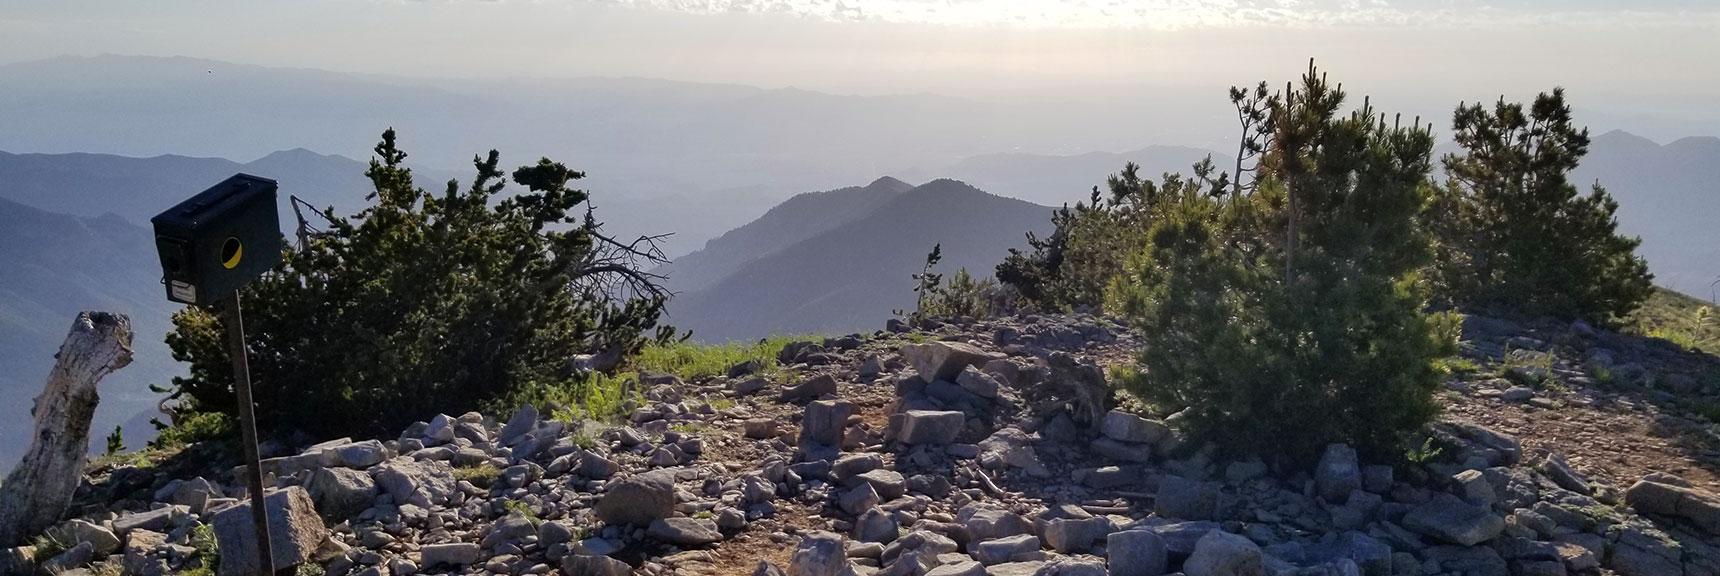 Harris Mountain from Griffith Peak Summit